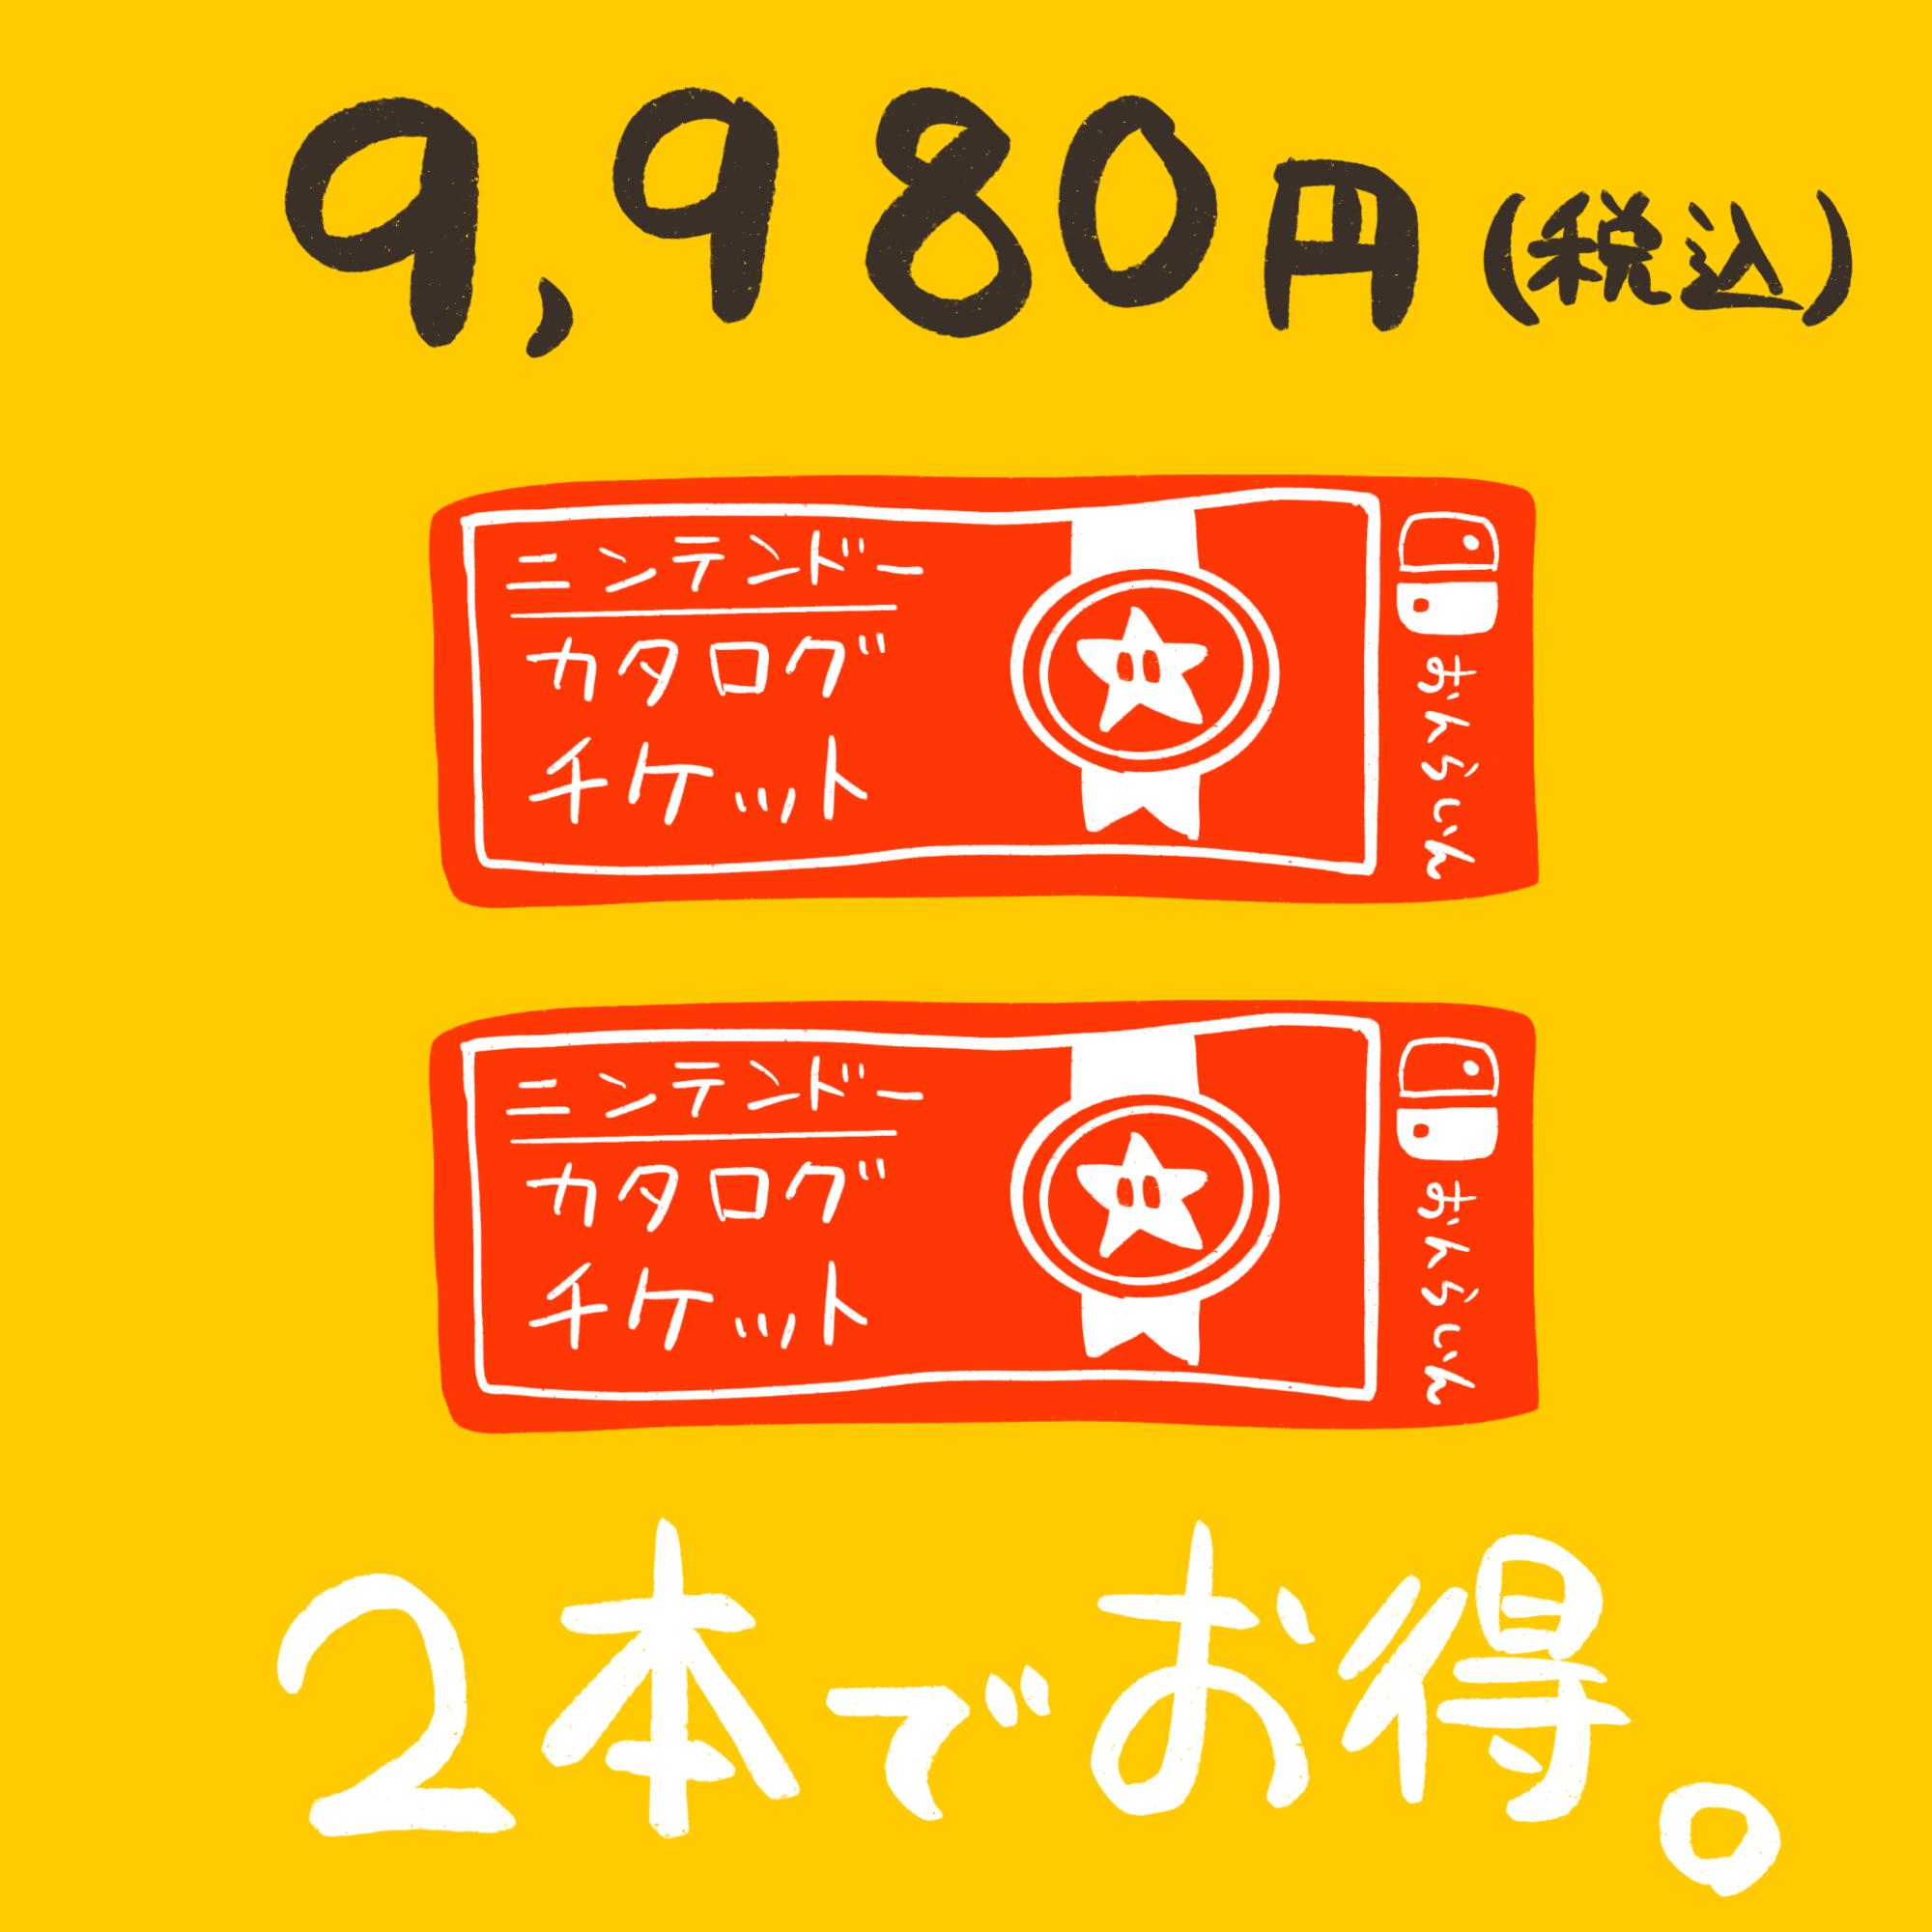 f:id:ichibo-game:20190516180955p:plain